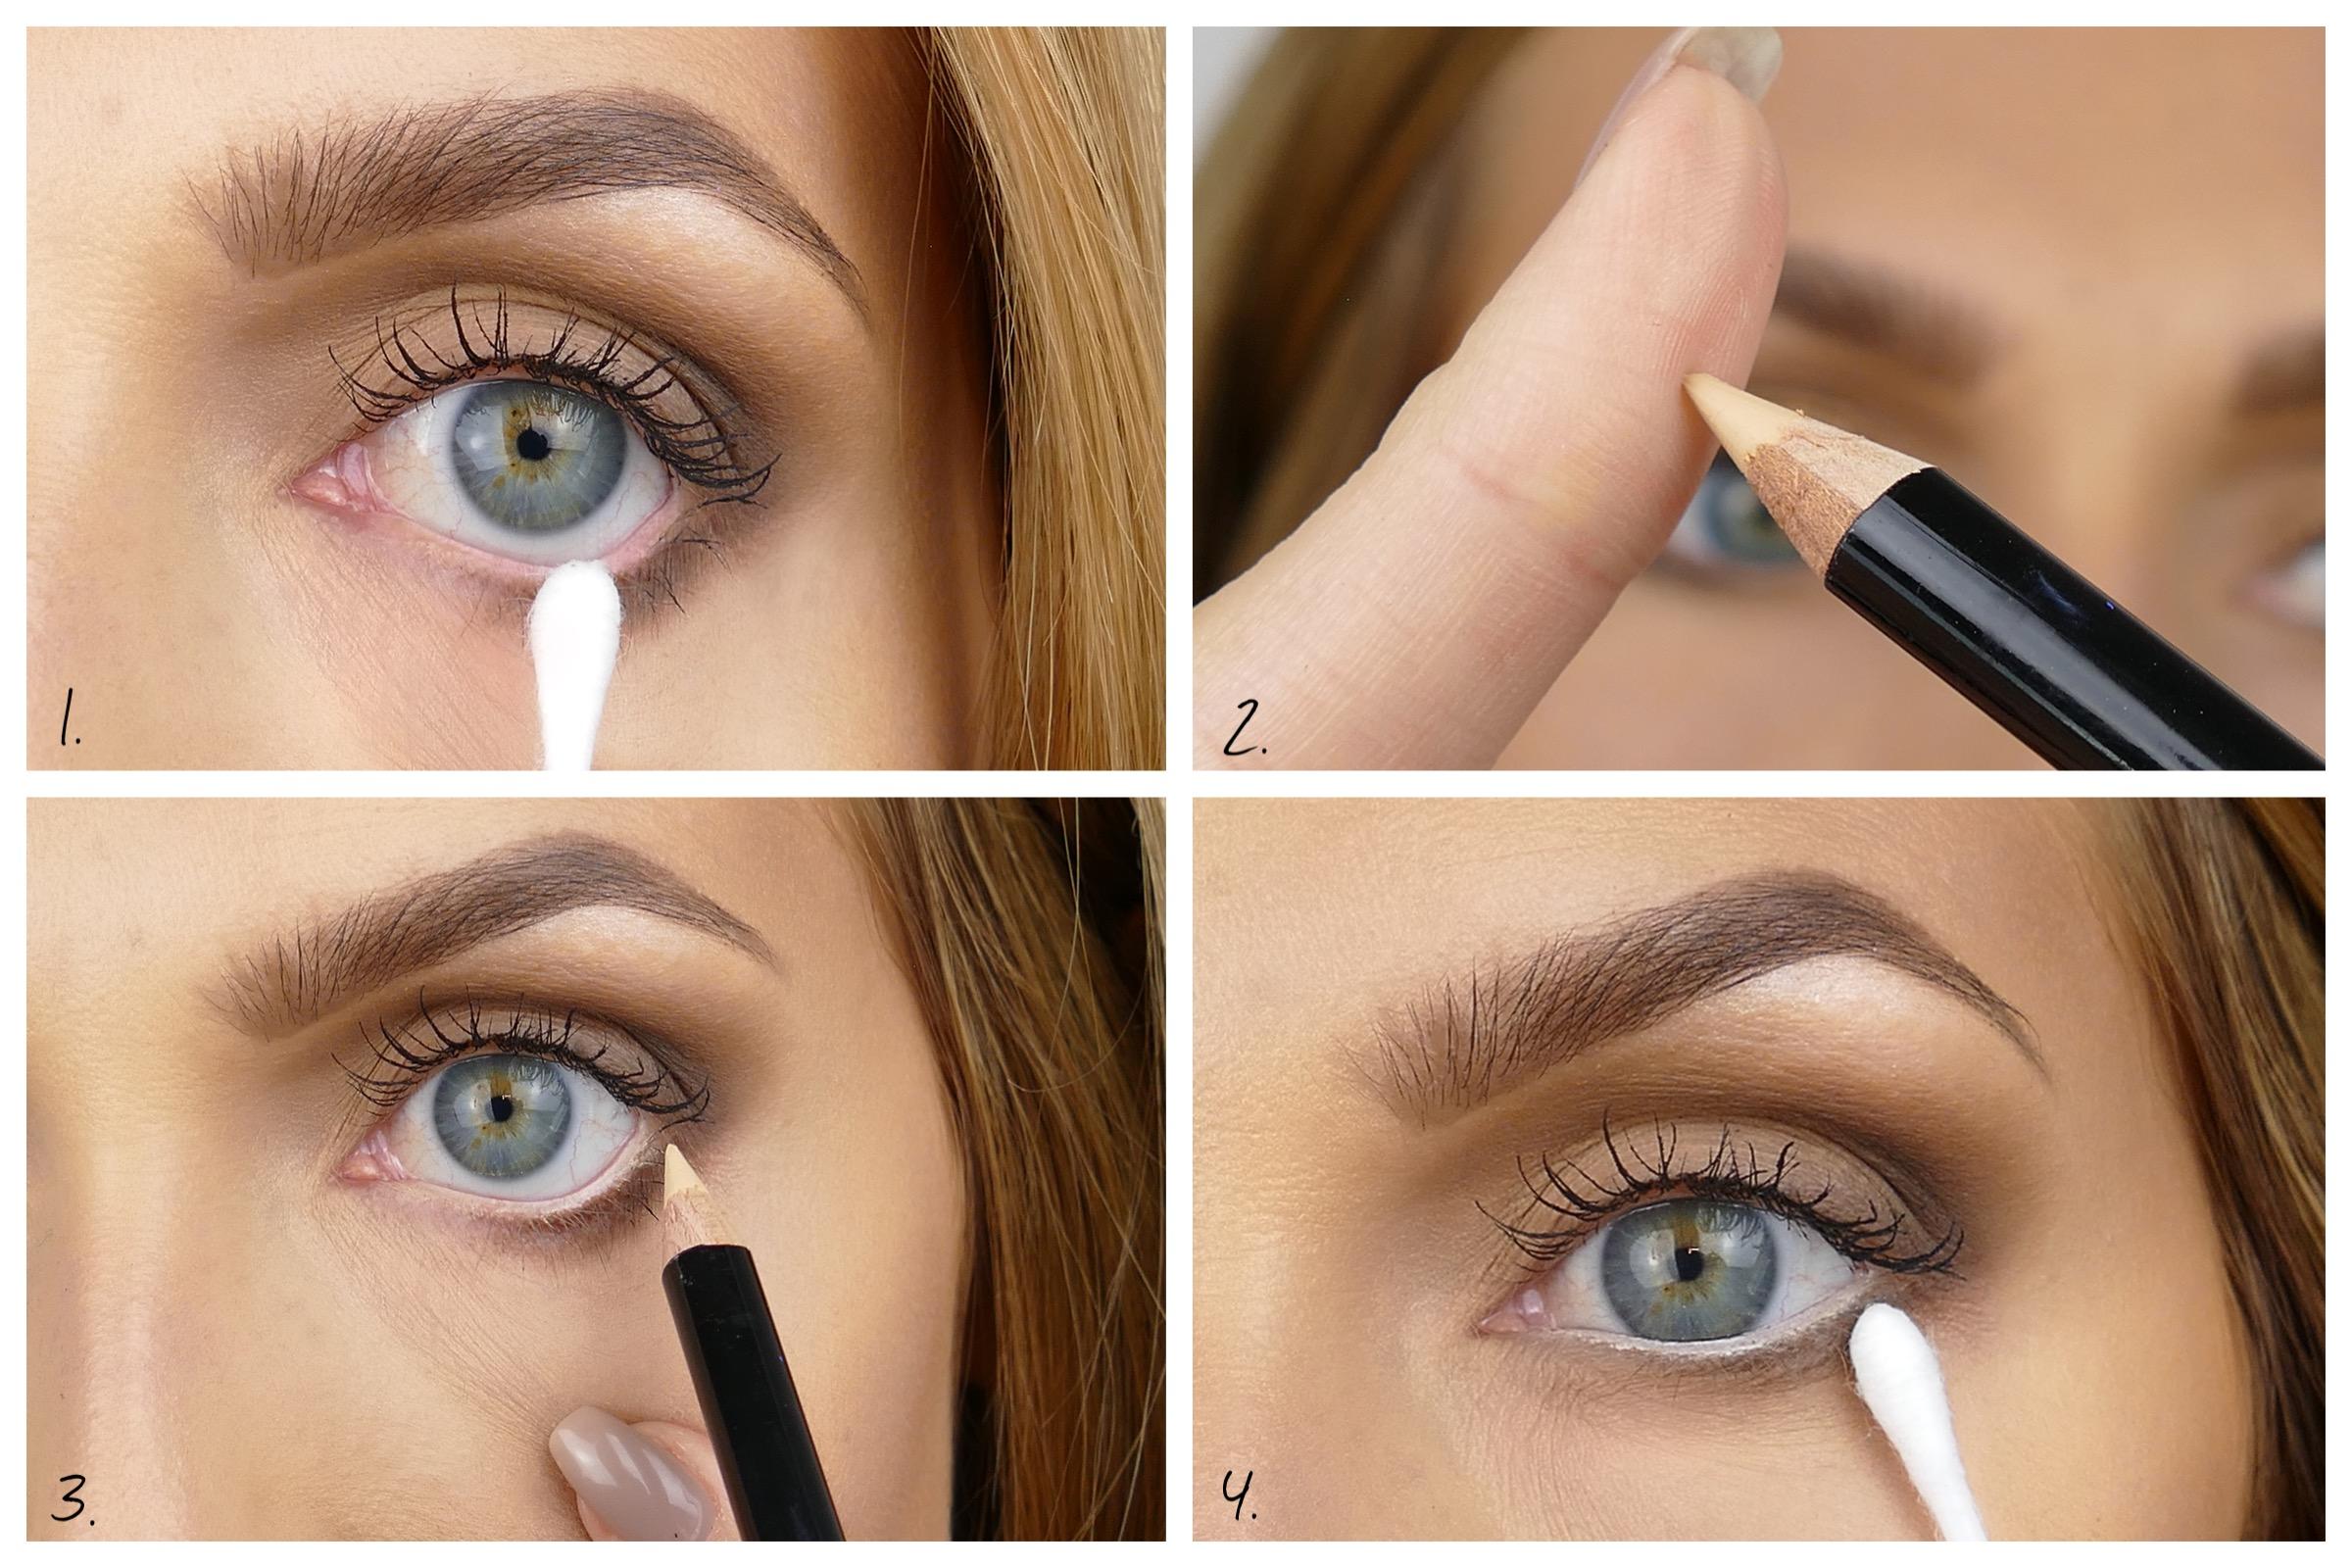 hur använder man eyeliner